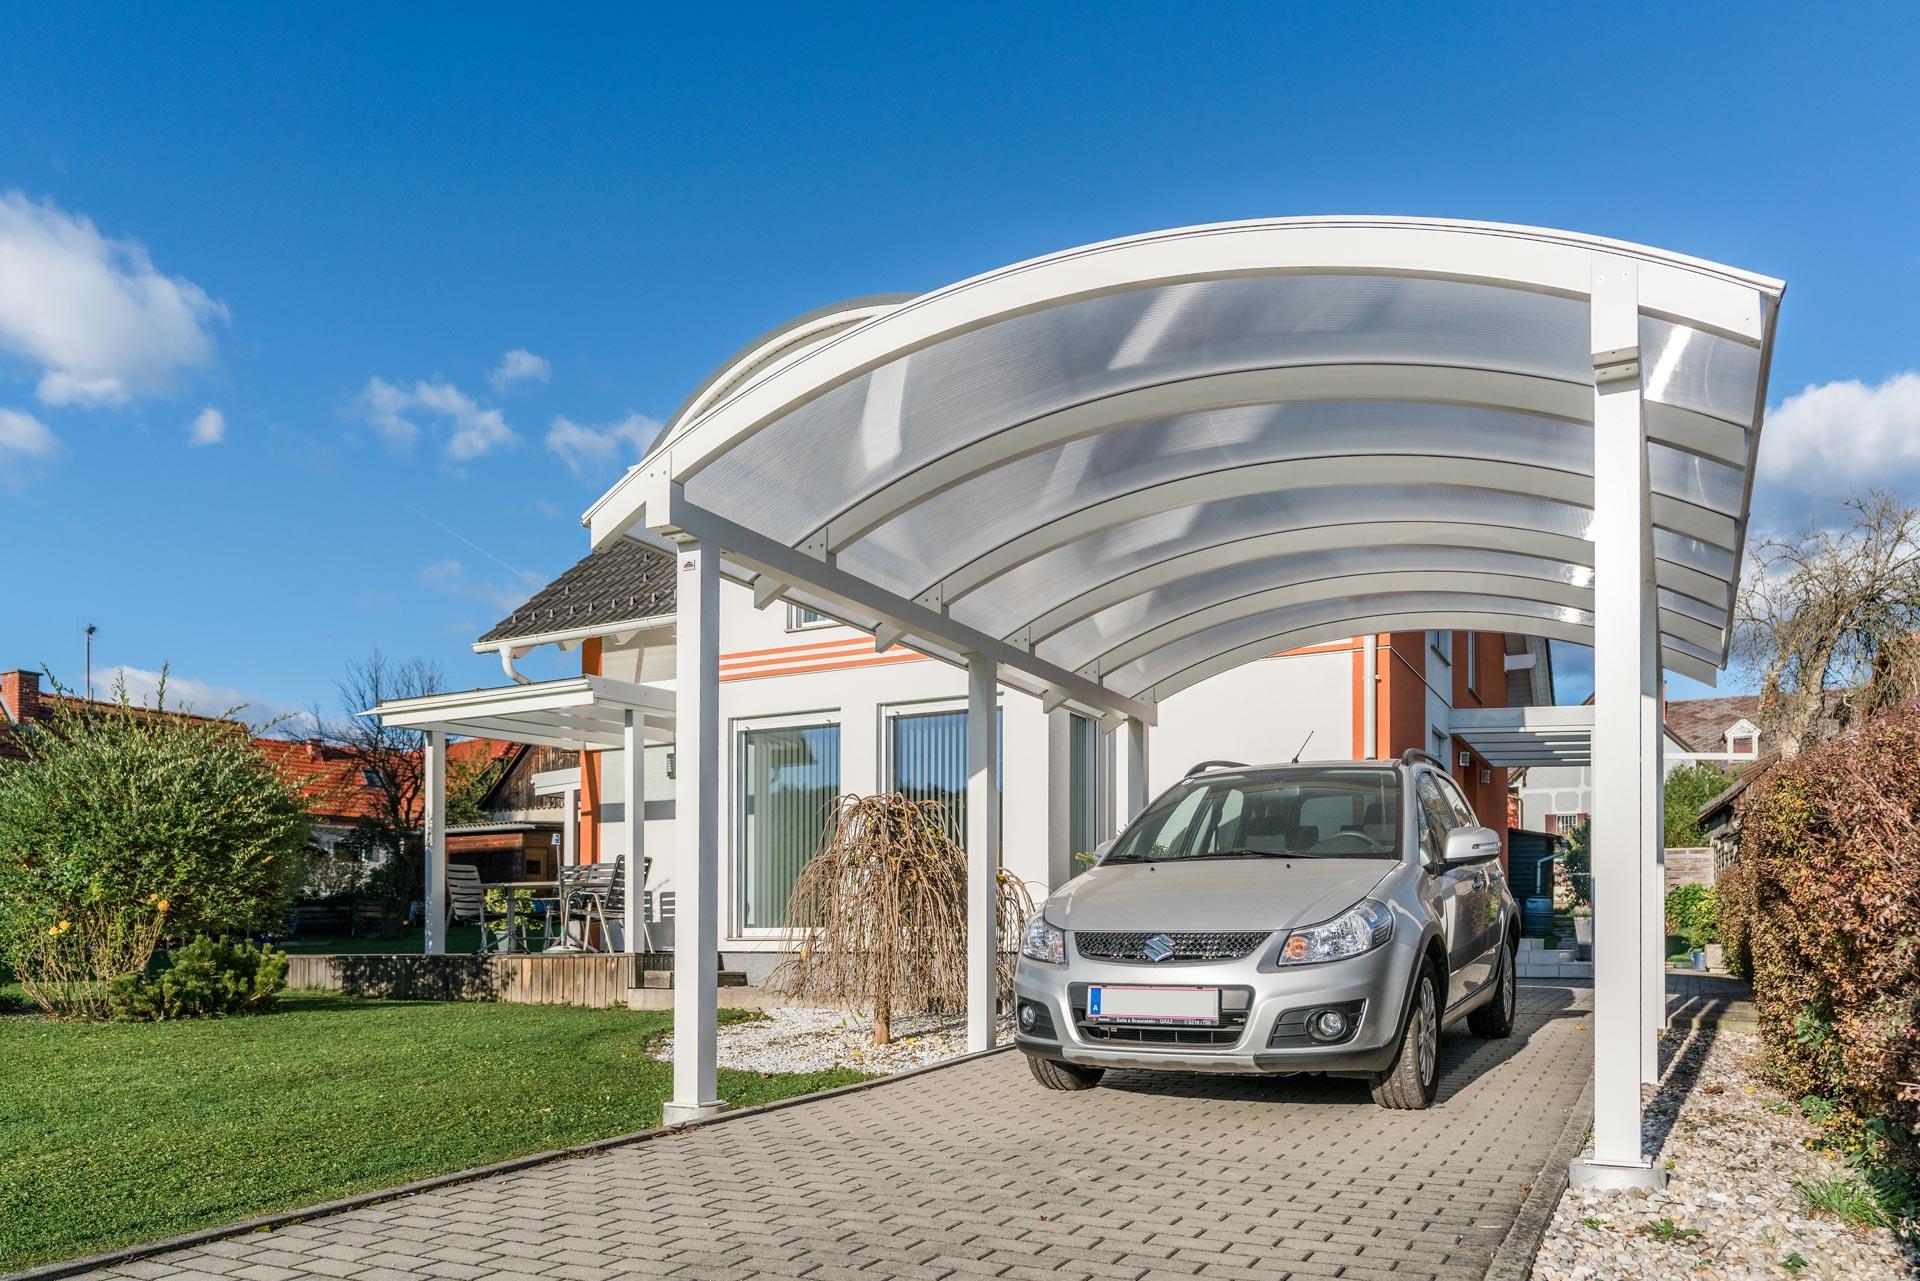 Carport 23 b | aus weißem Alu mit runder Dachform und Doppelstegplatten mit Auto | Svoboda Metalltechnik